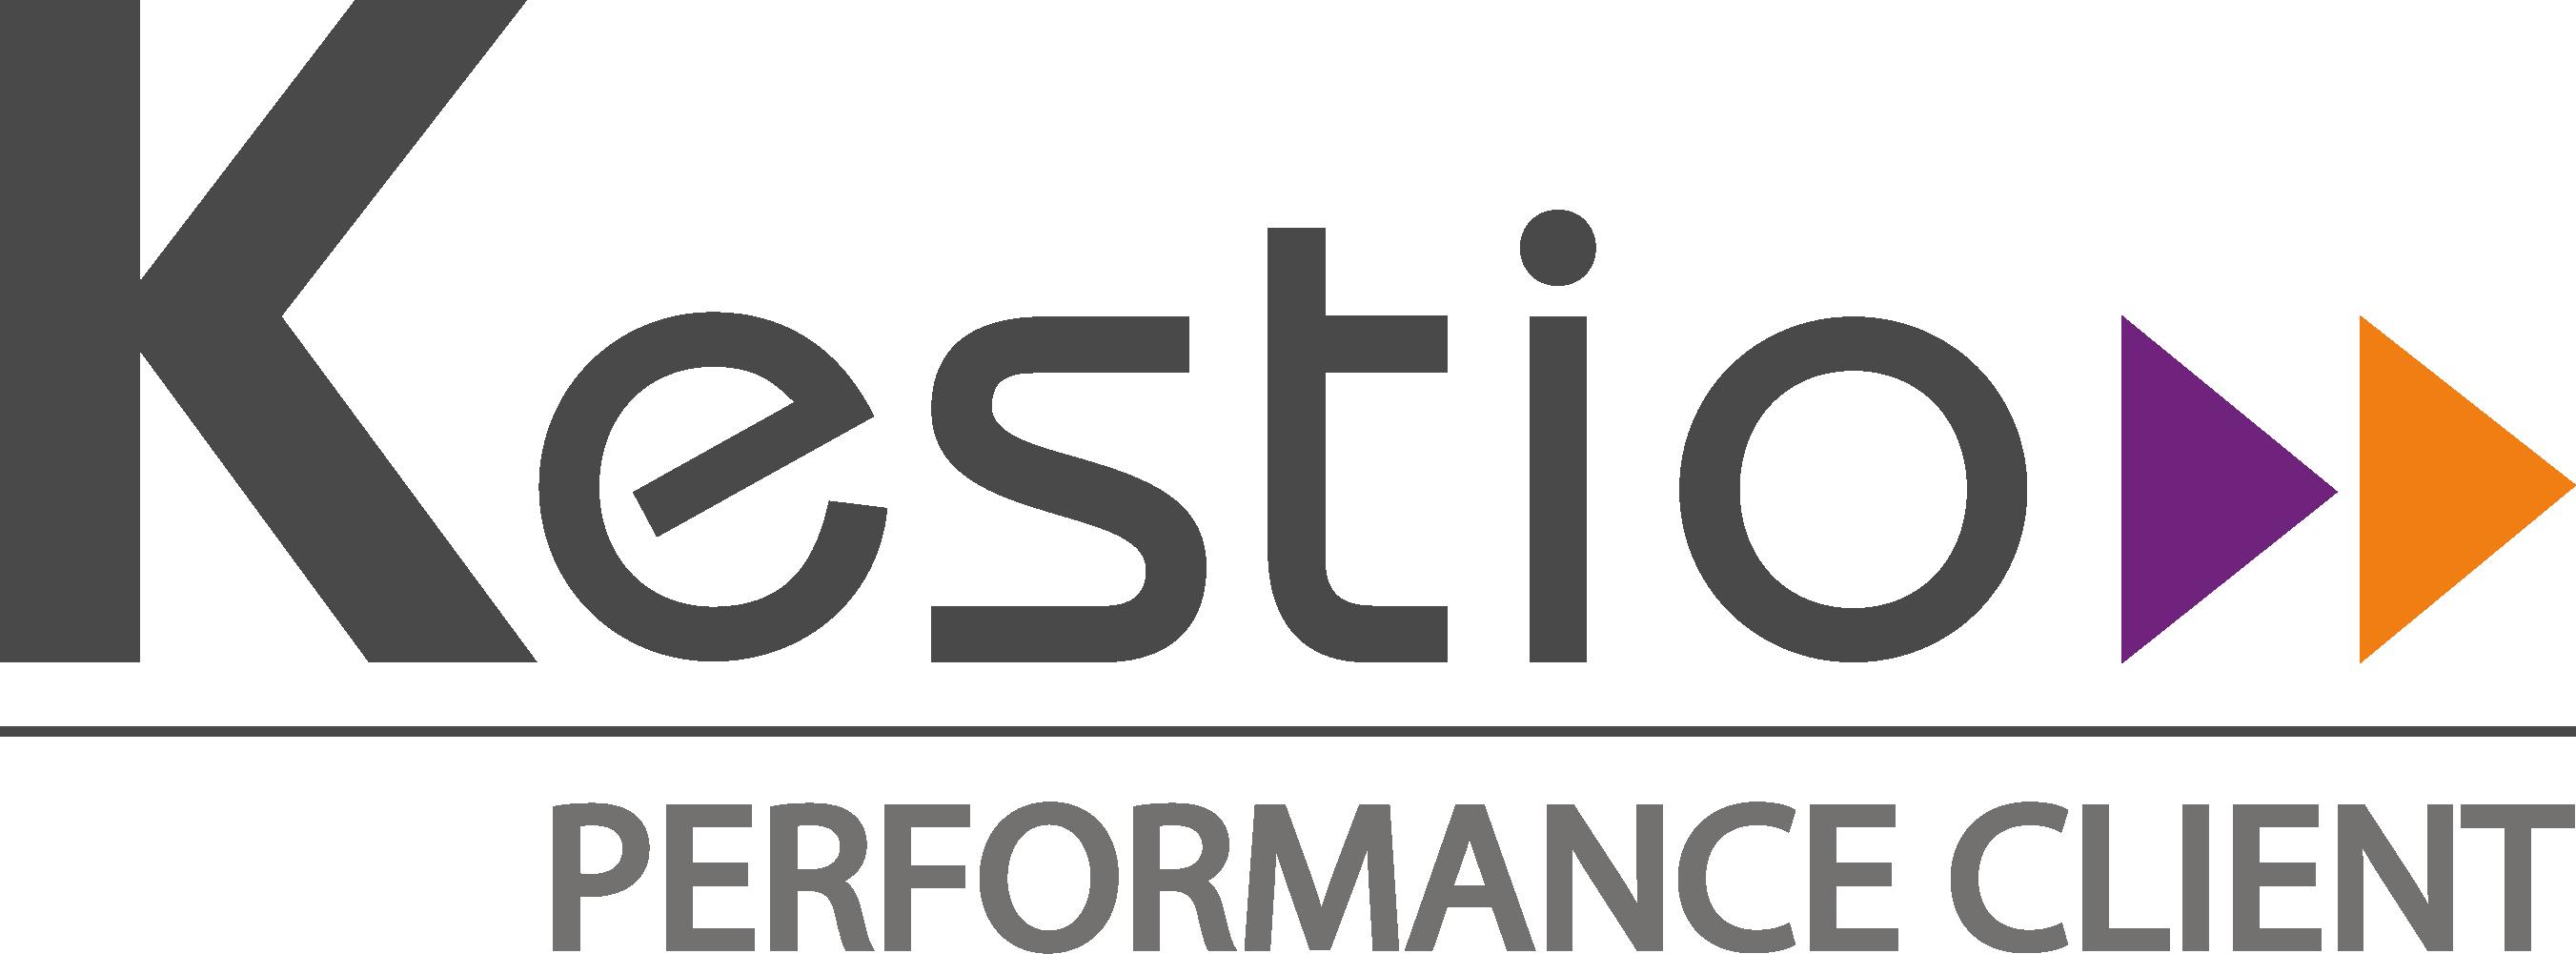 logo-kestio-original-1